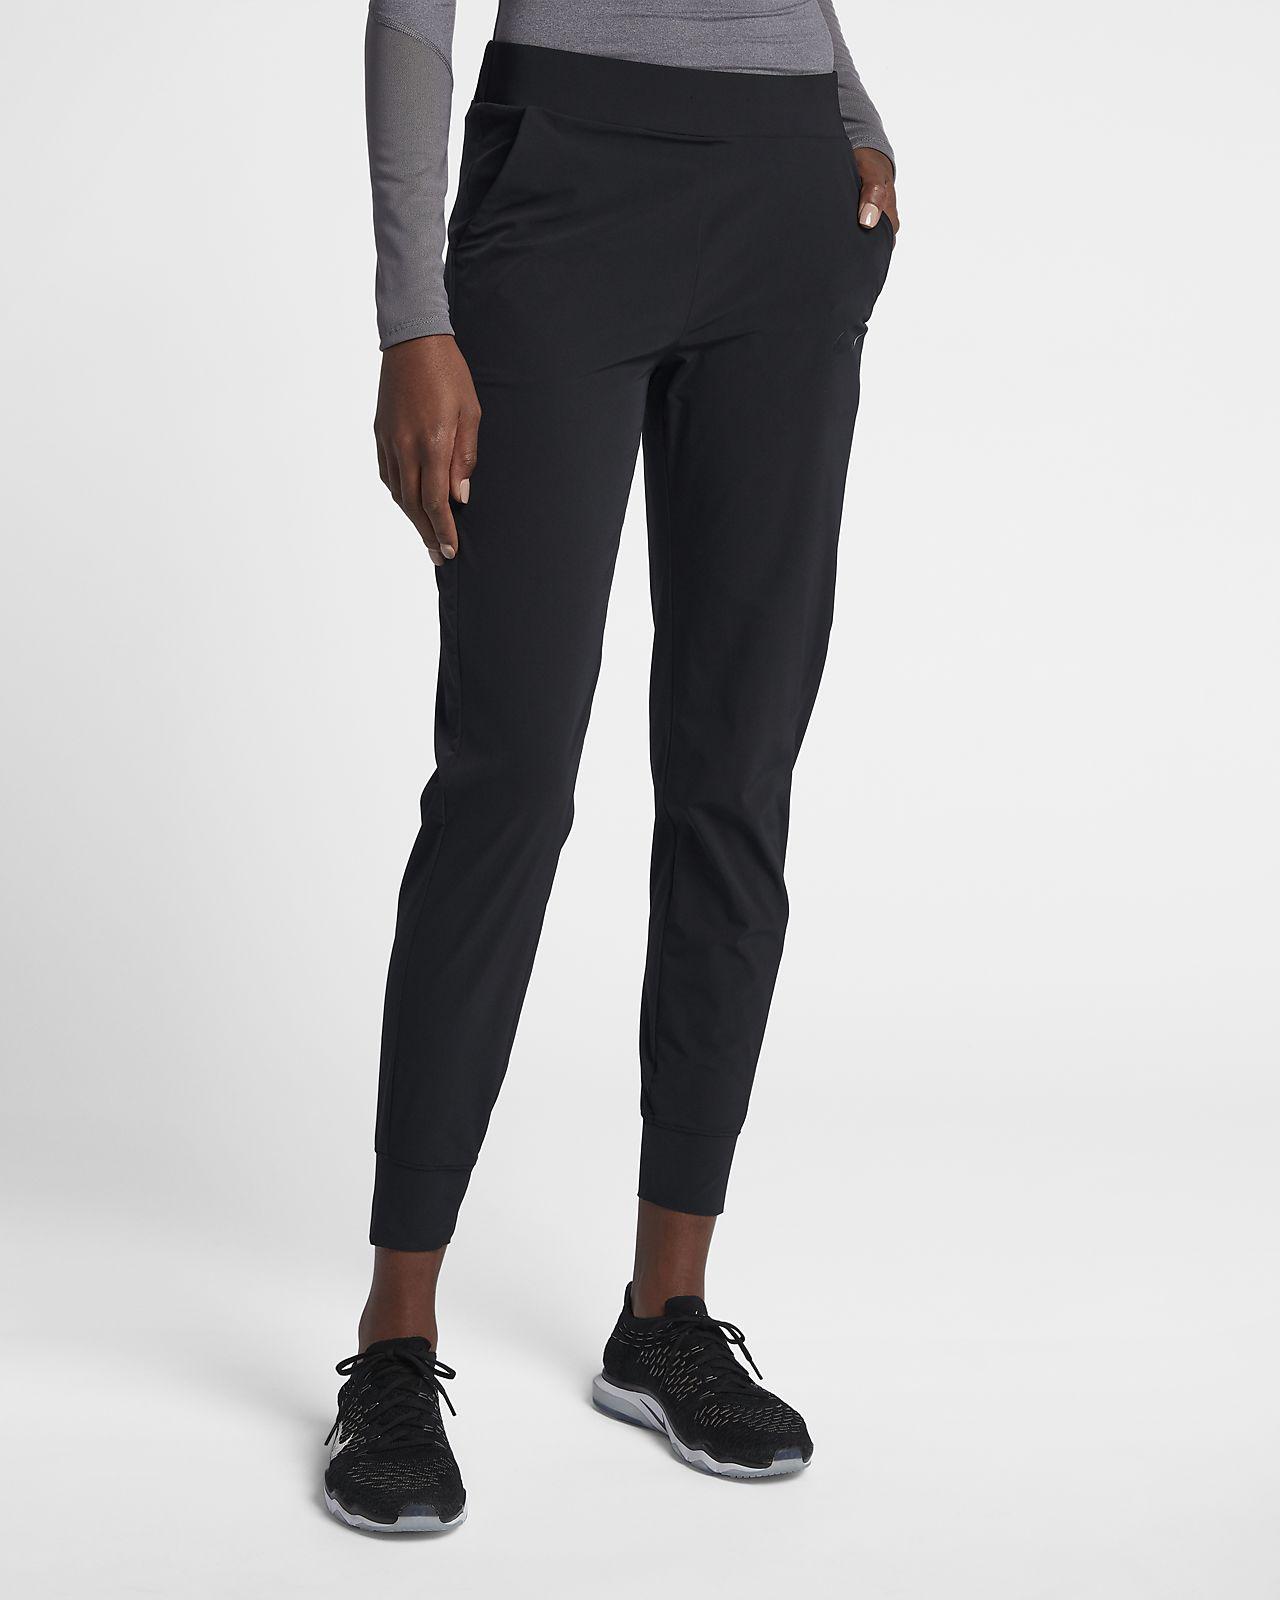 info for eb7f3 95ba4 ... Nike Bliss Lux-træningsbukser med mellemhøj talje til kvinder